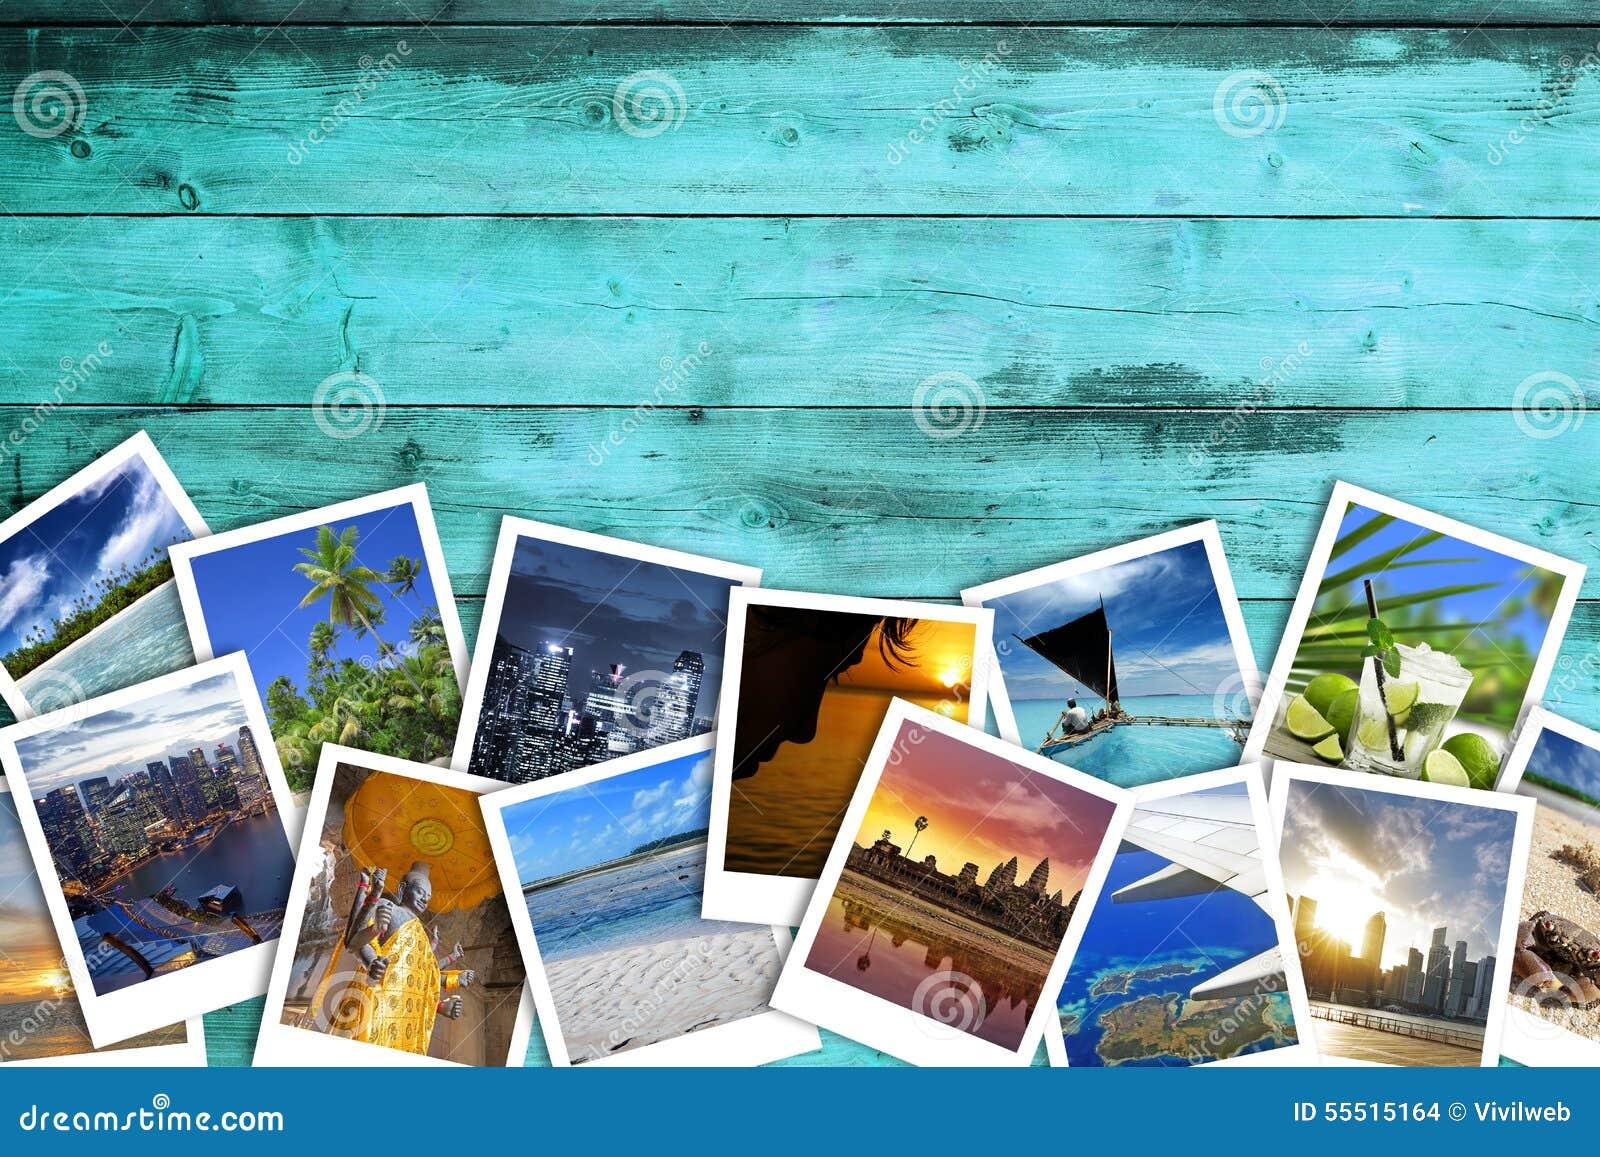 Travel photos on turquoise wood background